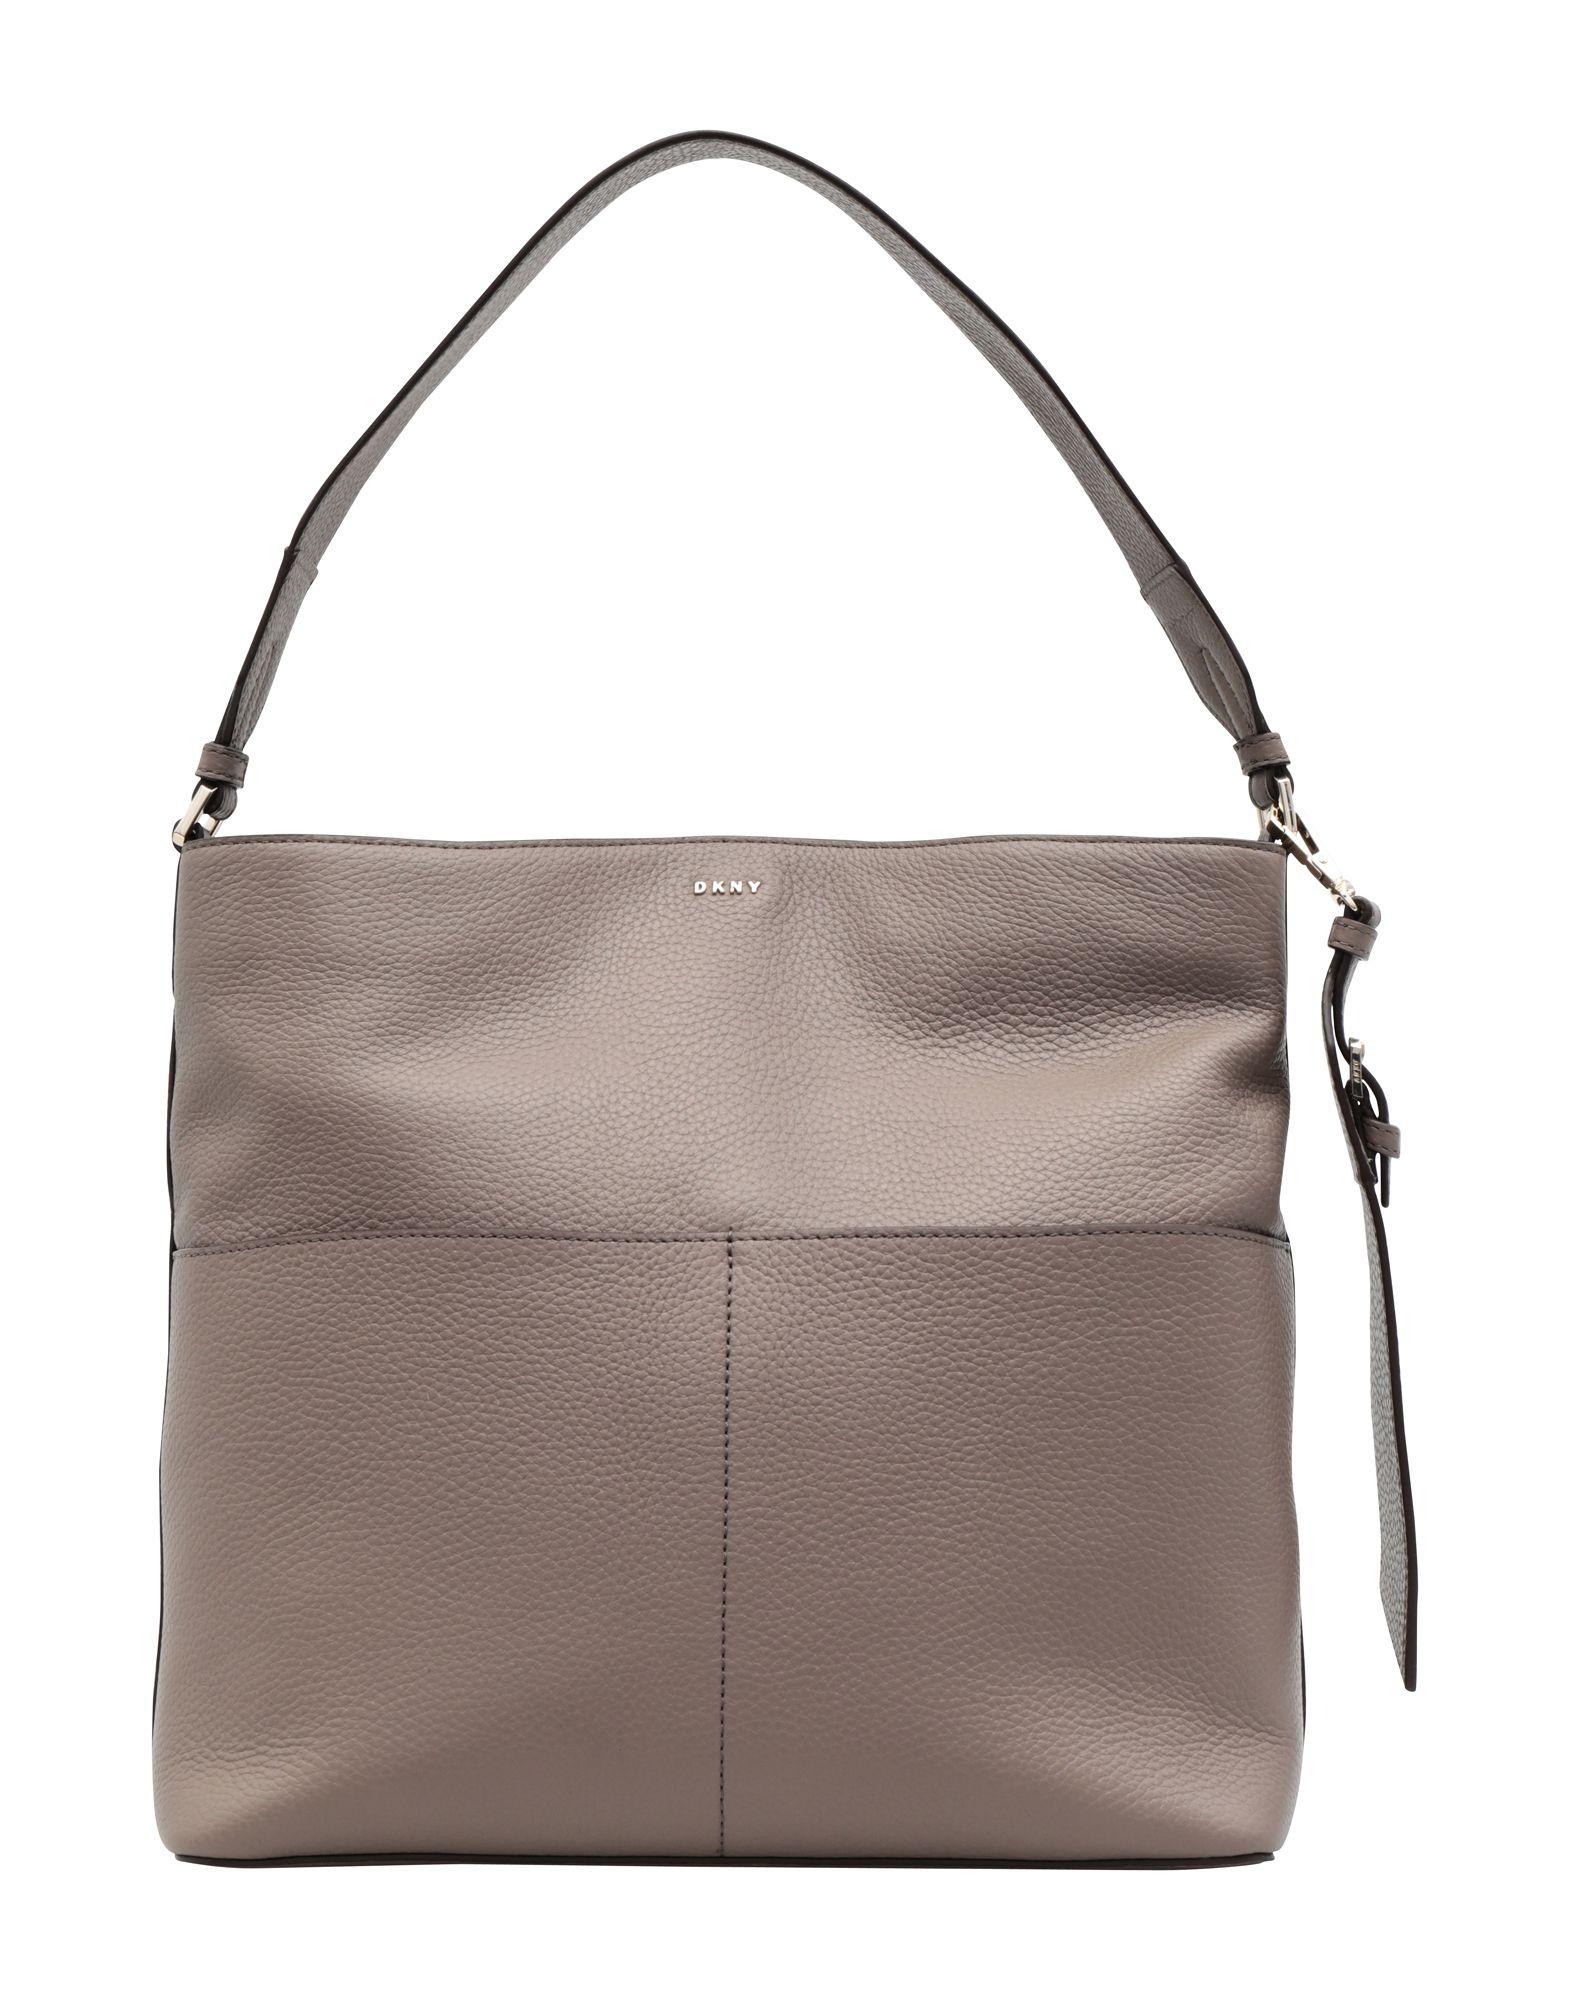 Τσάντα Ώμου Dkny Essex - Γυναίκα - Τσάντες Ώμου Dkny στο YOOX - 45431718RI 7abe717bd2d